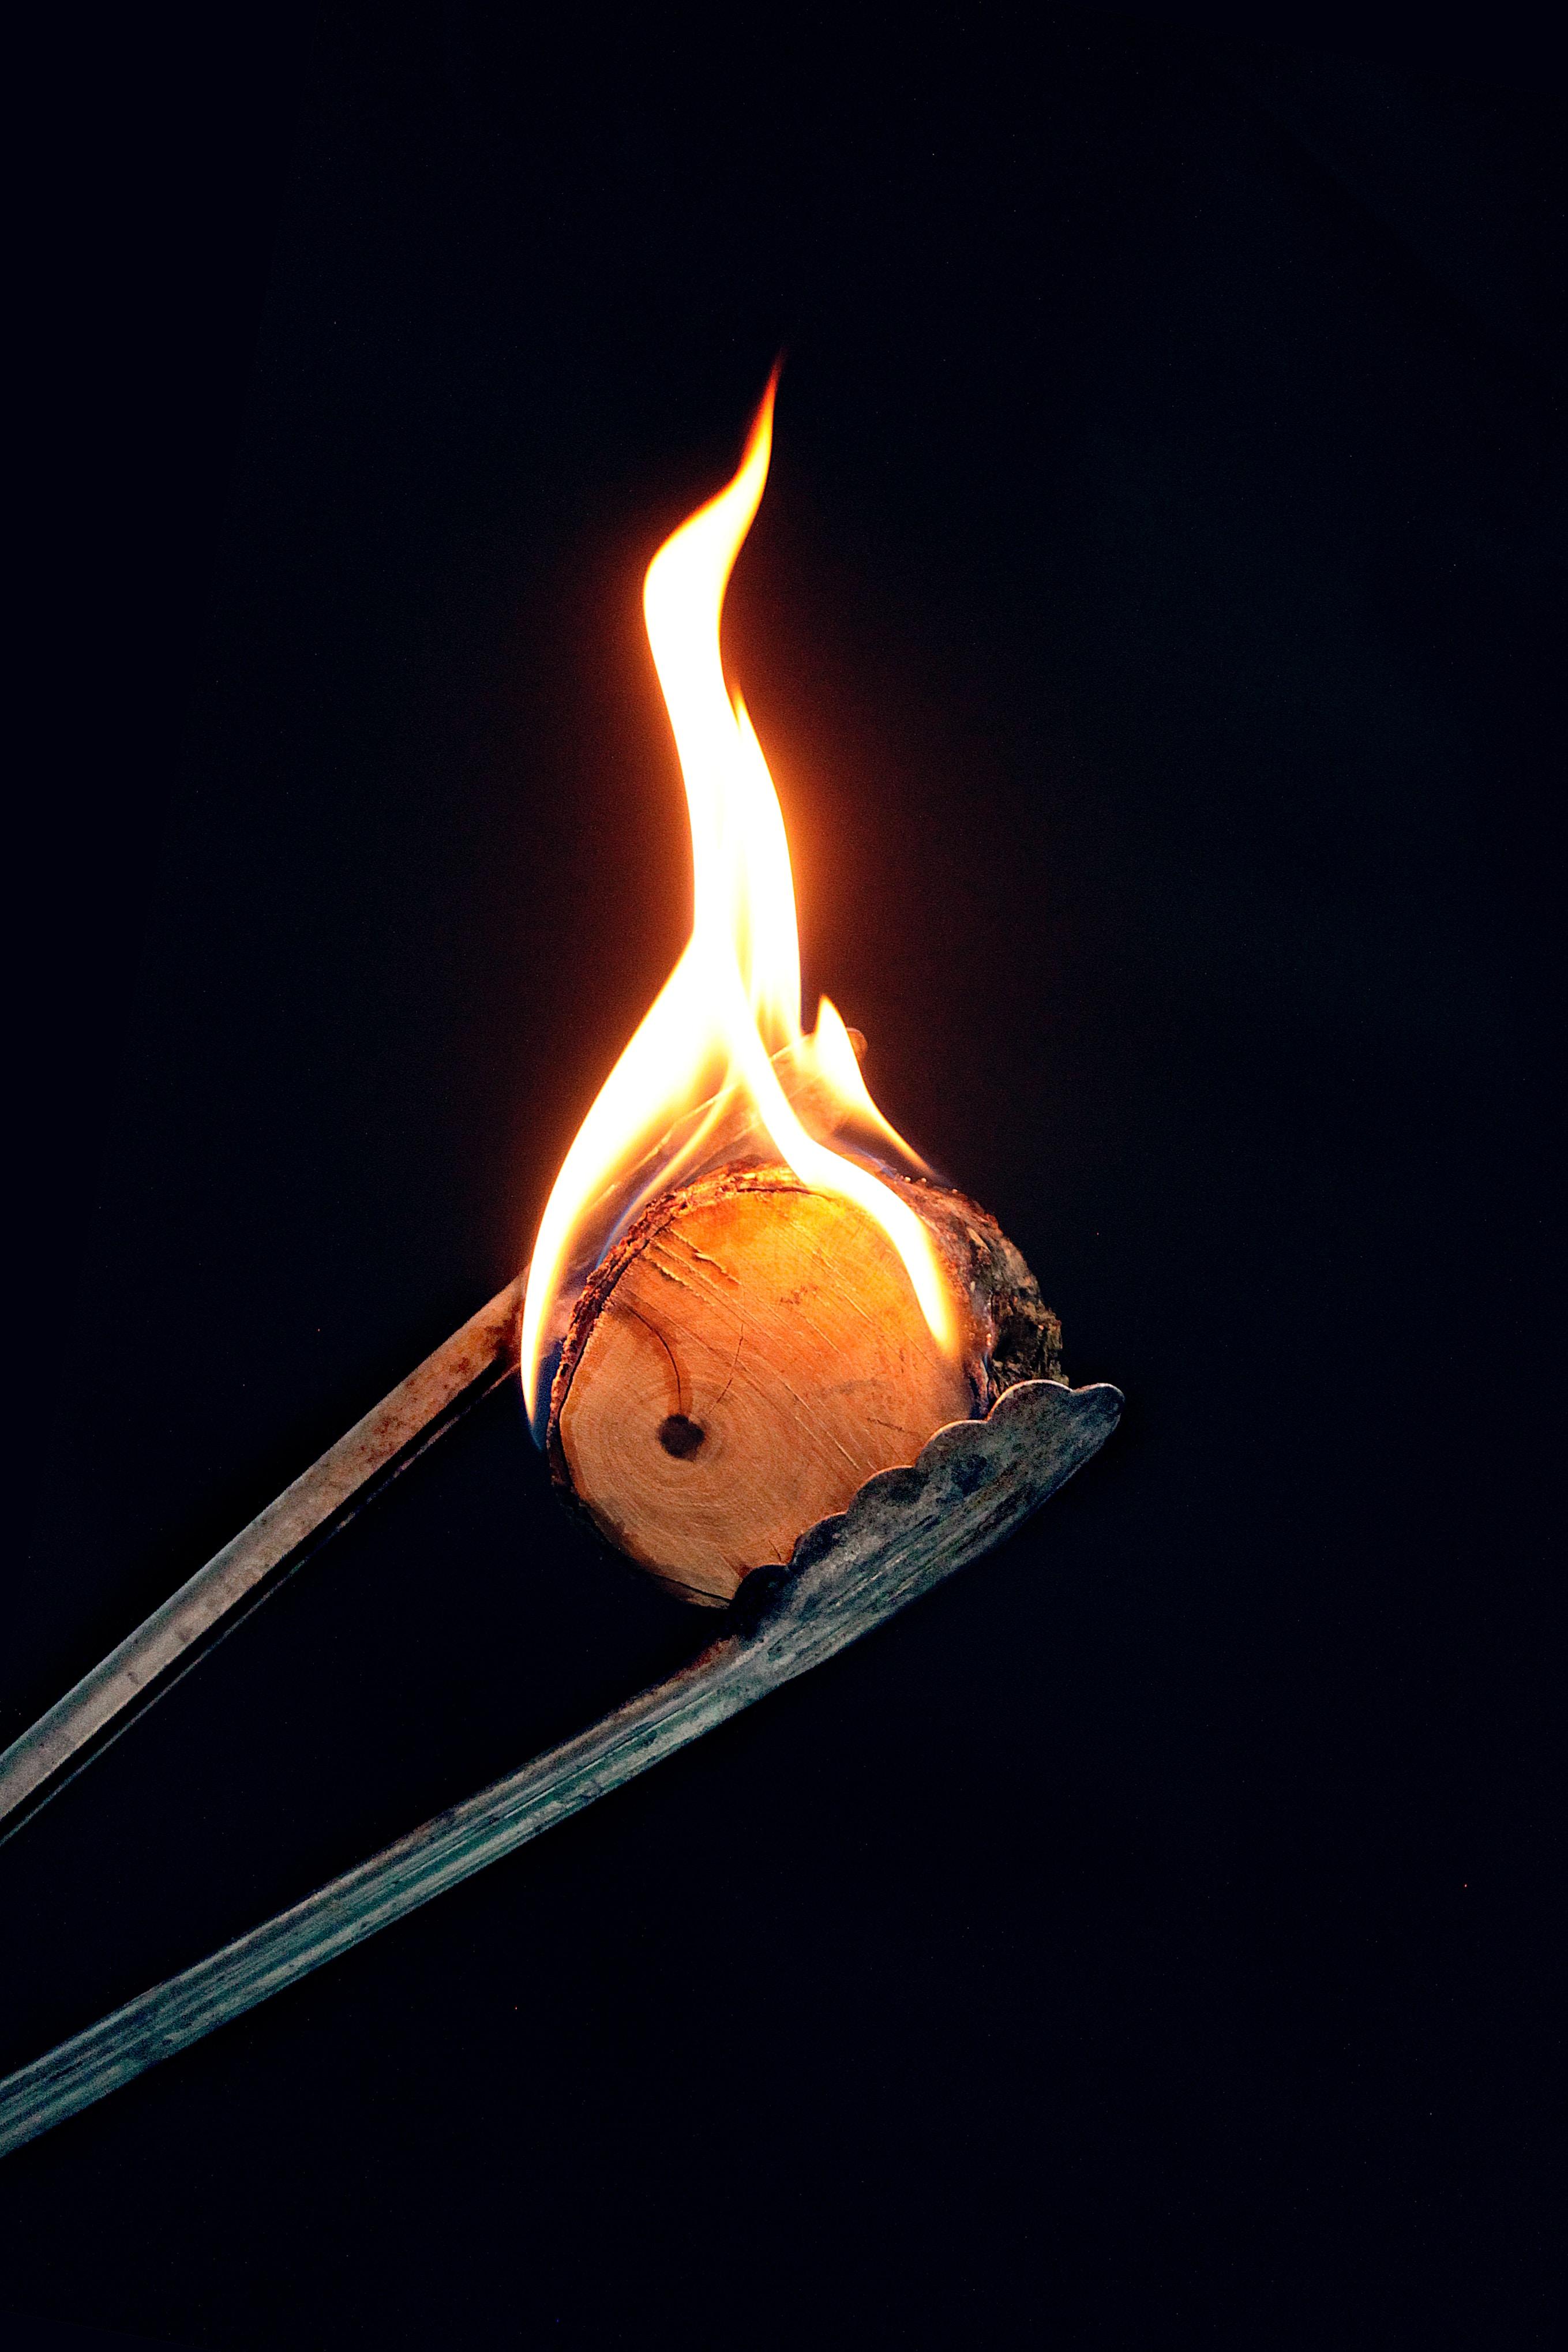 128168 免費下載壁紙 黑暗的, 黑暗, 火, 火焰, 燃烧, 木头 屏保和圖片